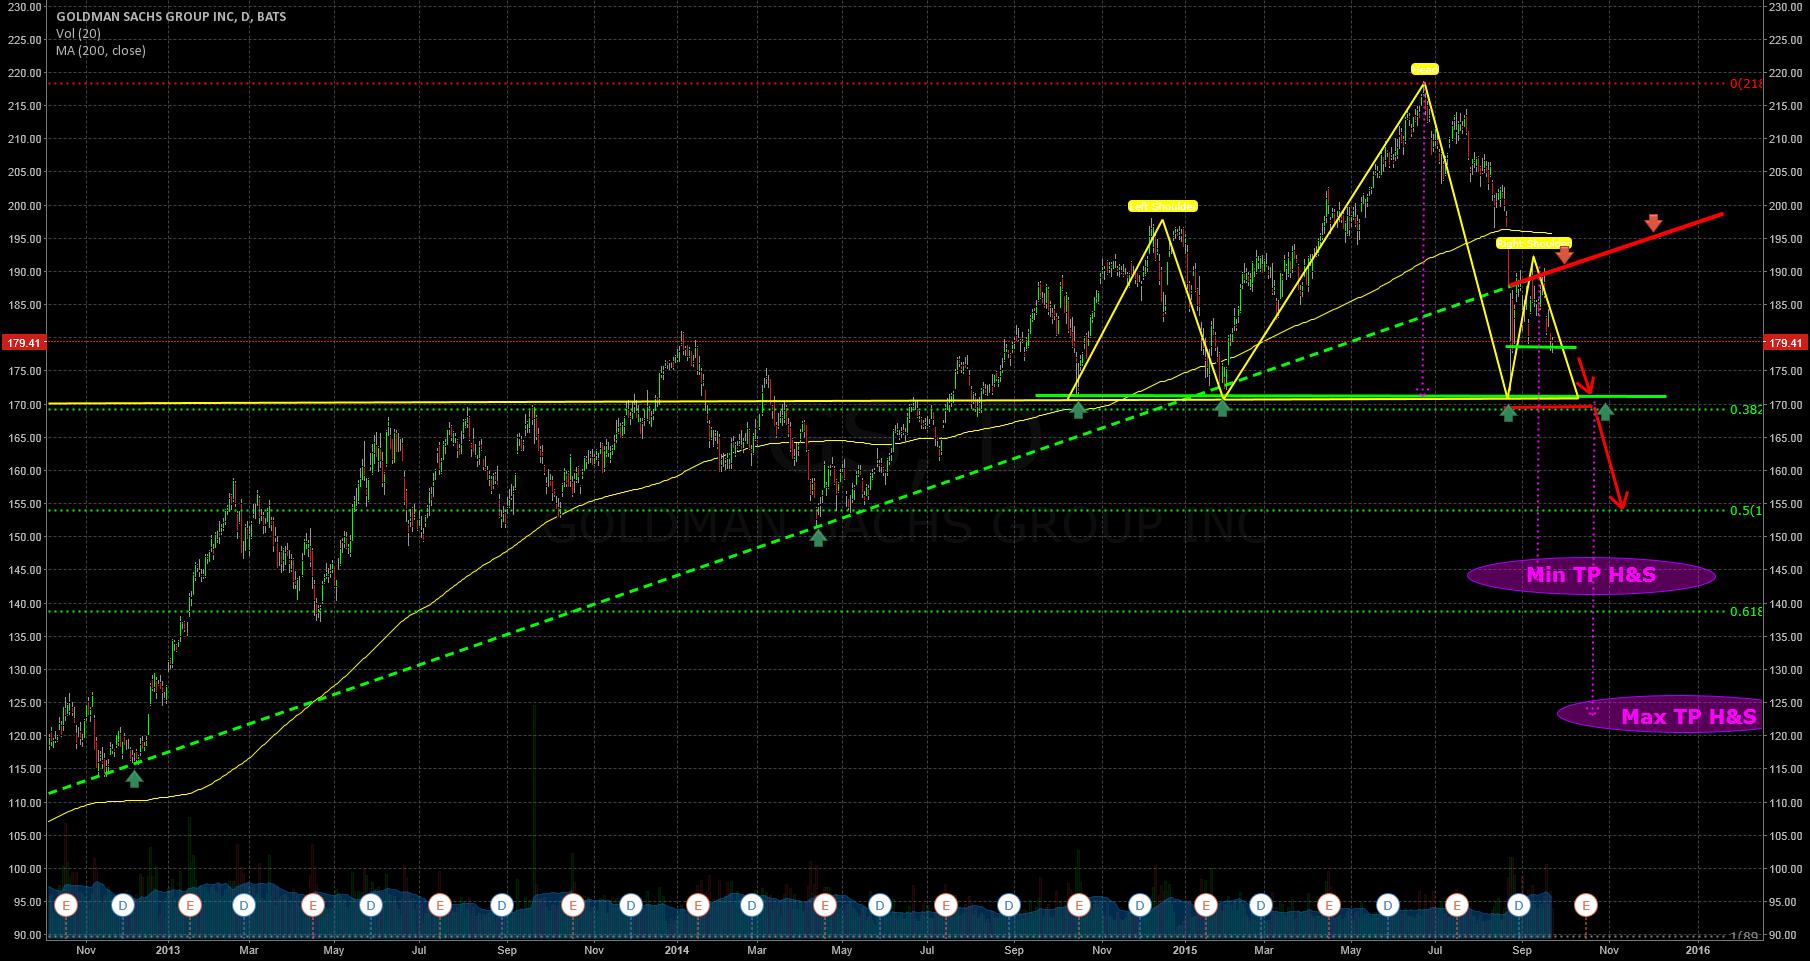 Goldman Sachs Bearish H & S !